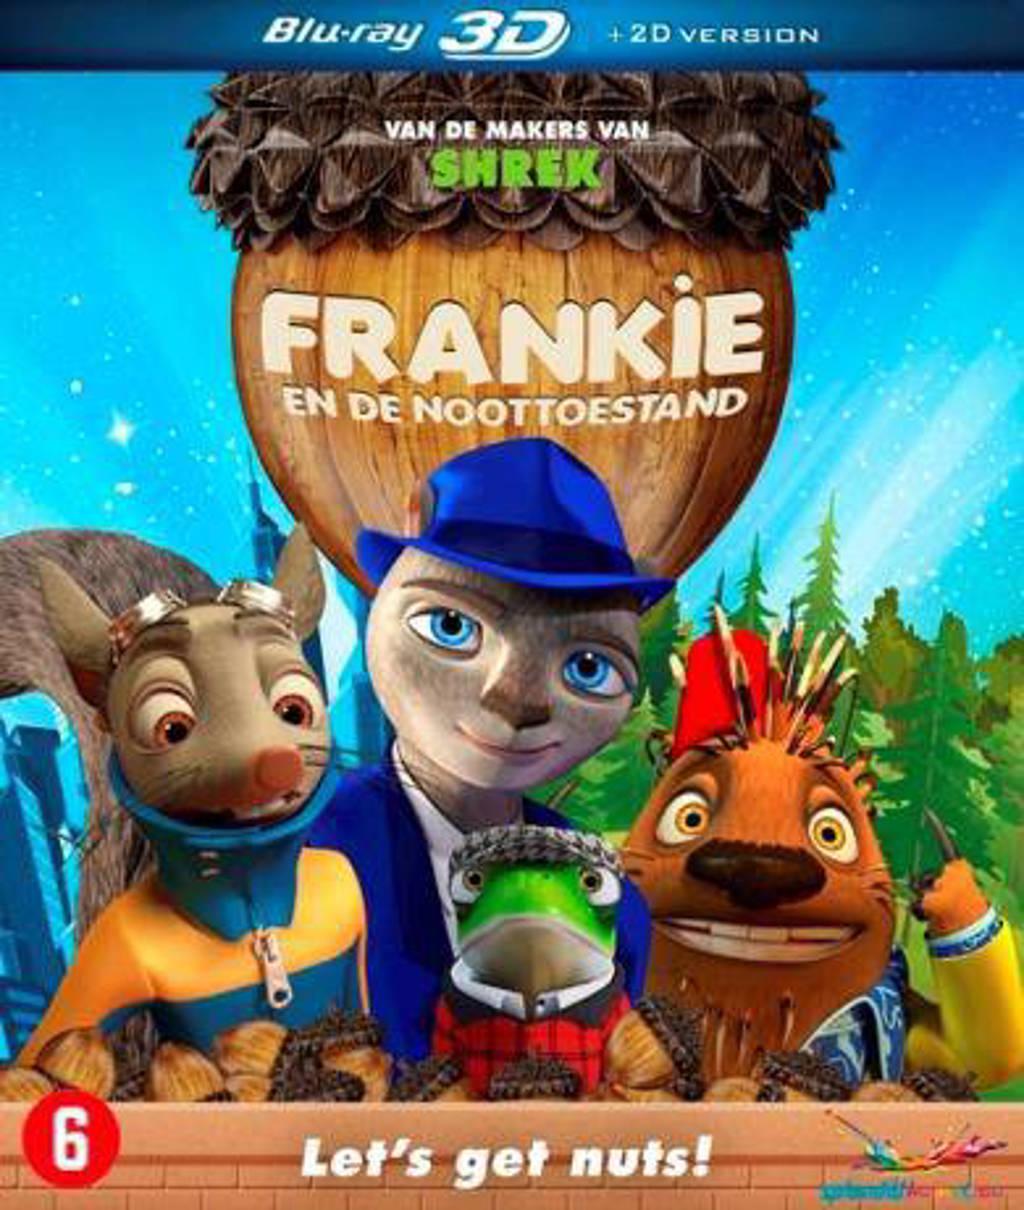 Frankie en de noottoestand (3D) (Blu-ray)